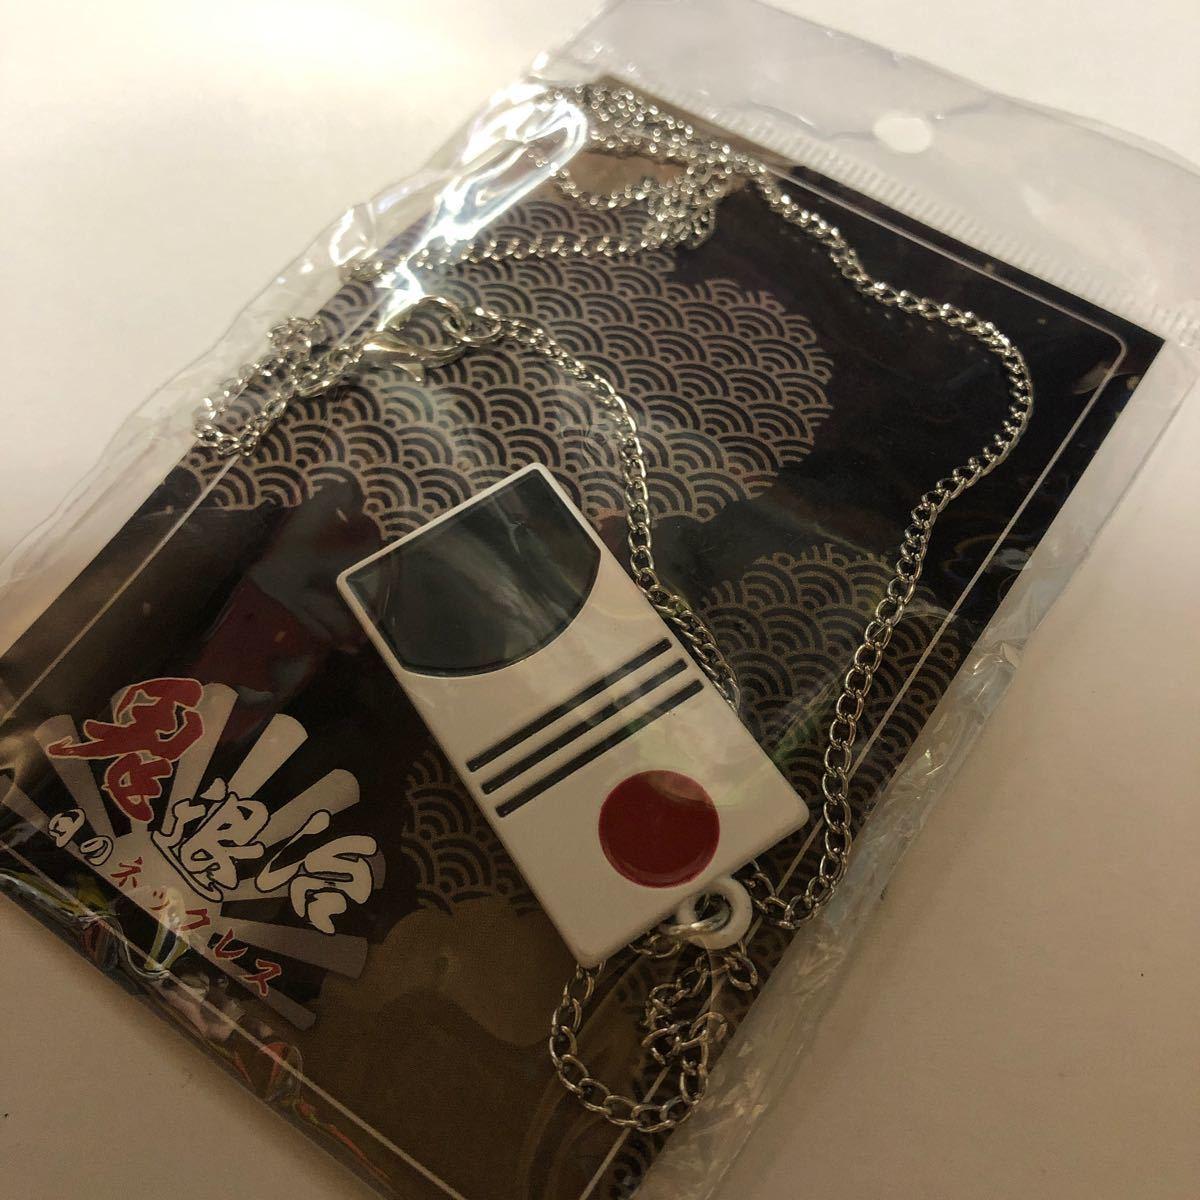 鬼滅の刃 鬼退治日のネックレス&竈門炭治郎缶バッジセット未使用 送料無料 4-6